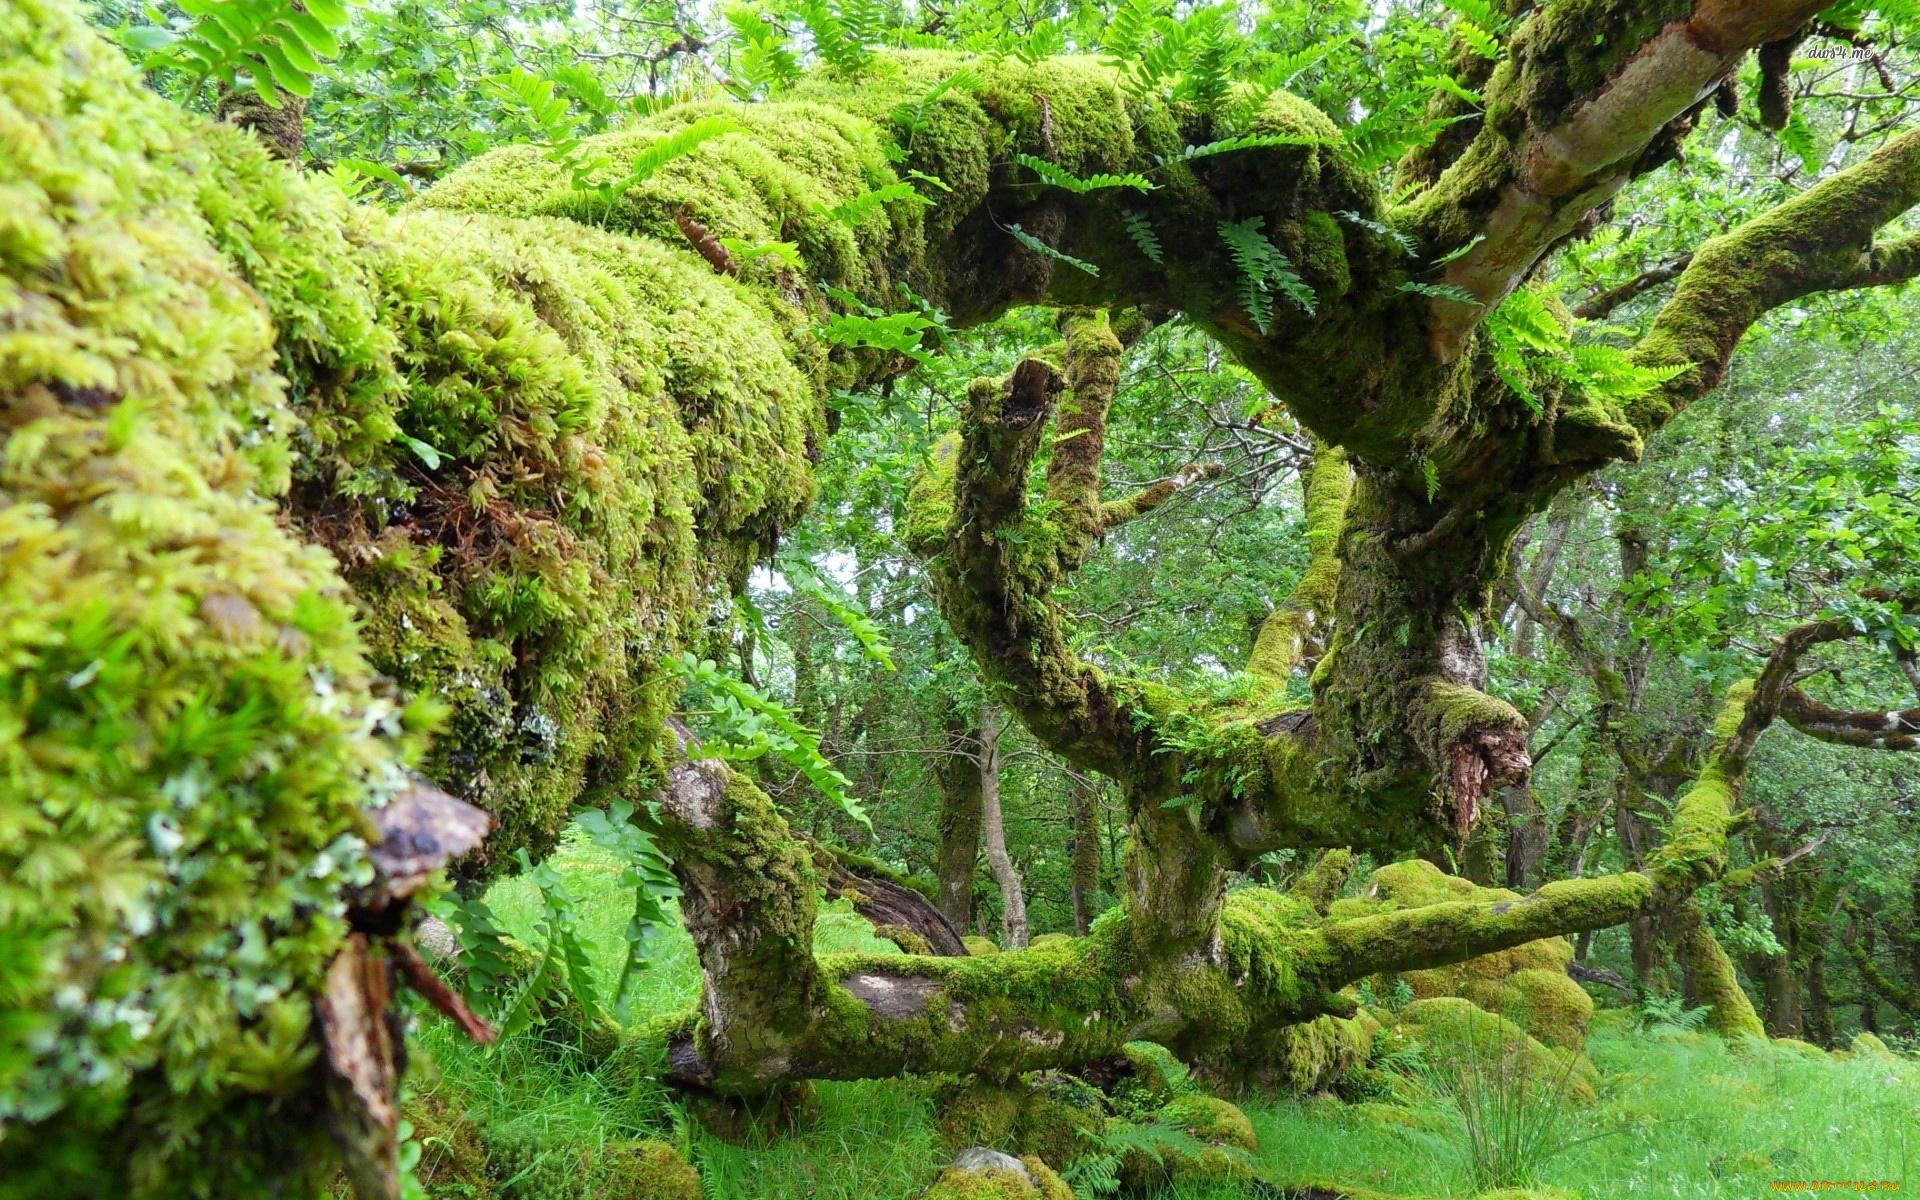 Мох на поваленном дереве бесплатно